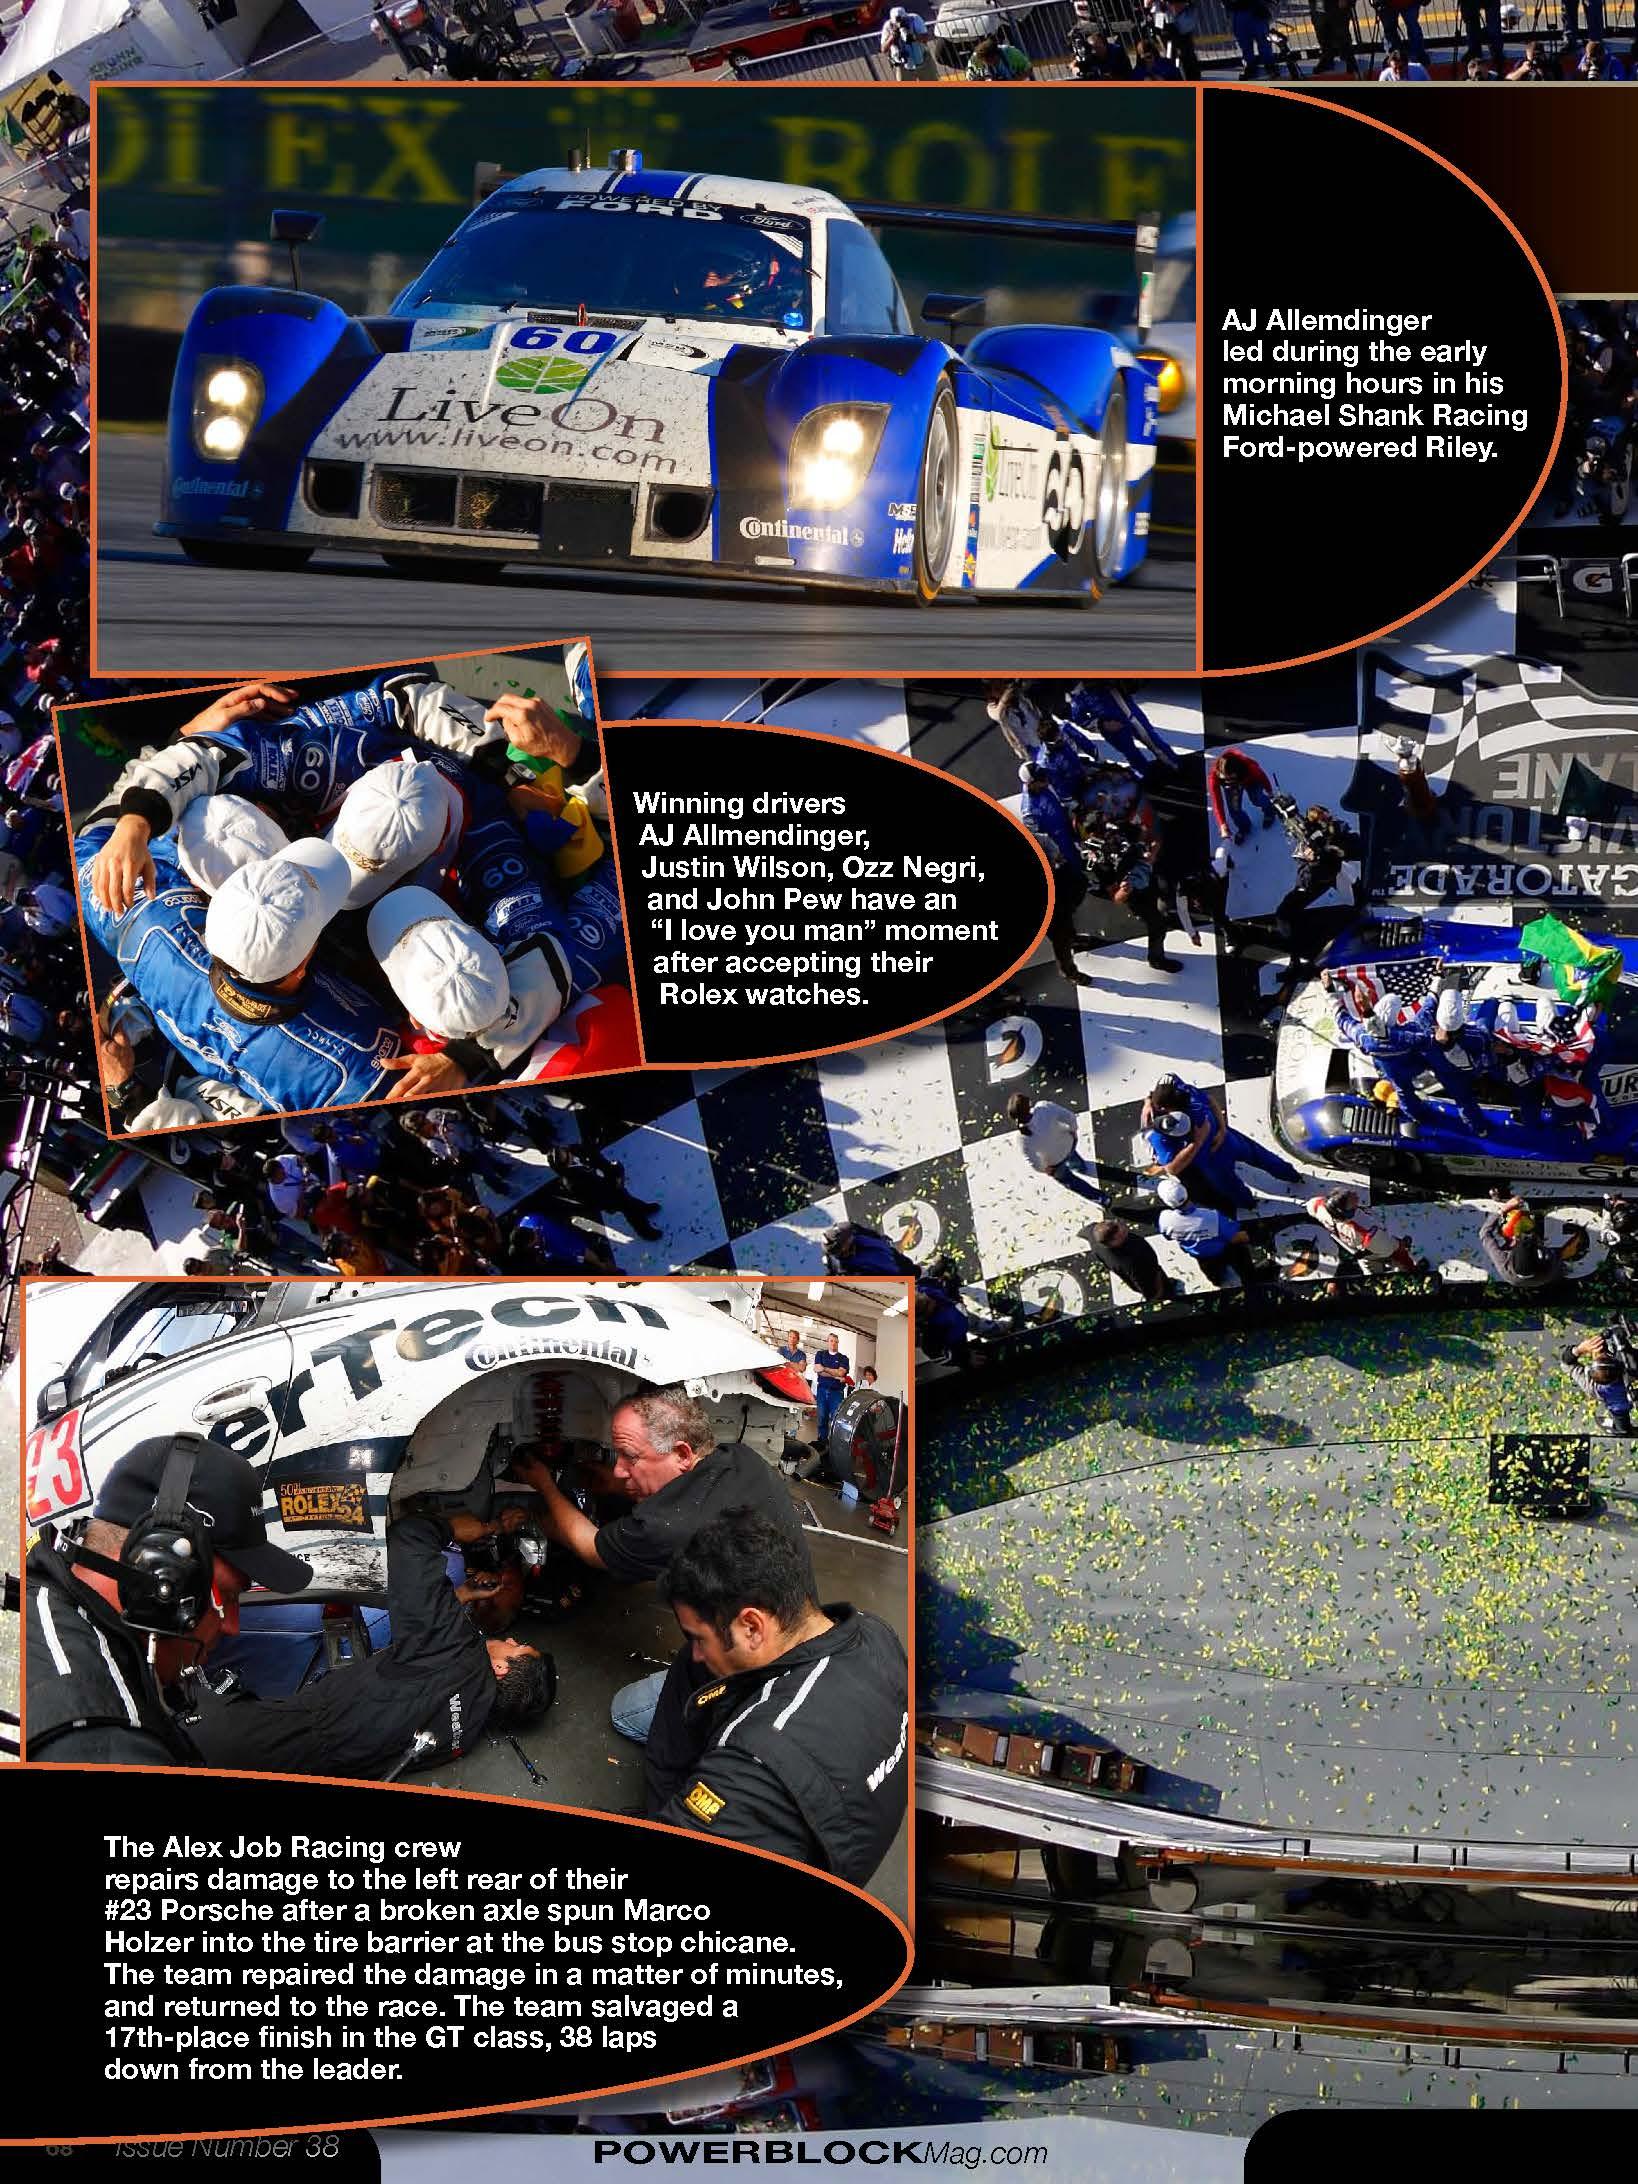 powerblockmagazine_issue38_rolex24_Page_14.jpg